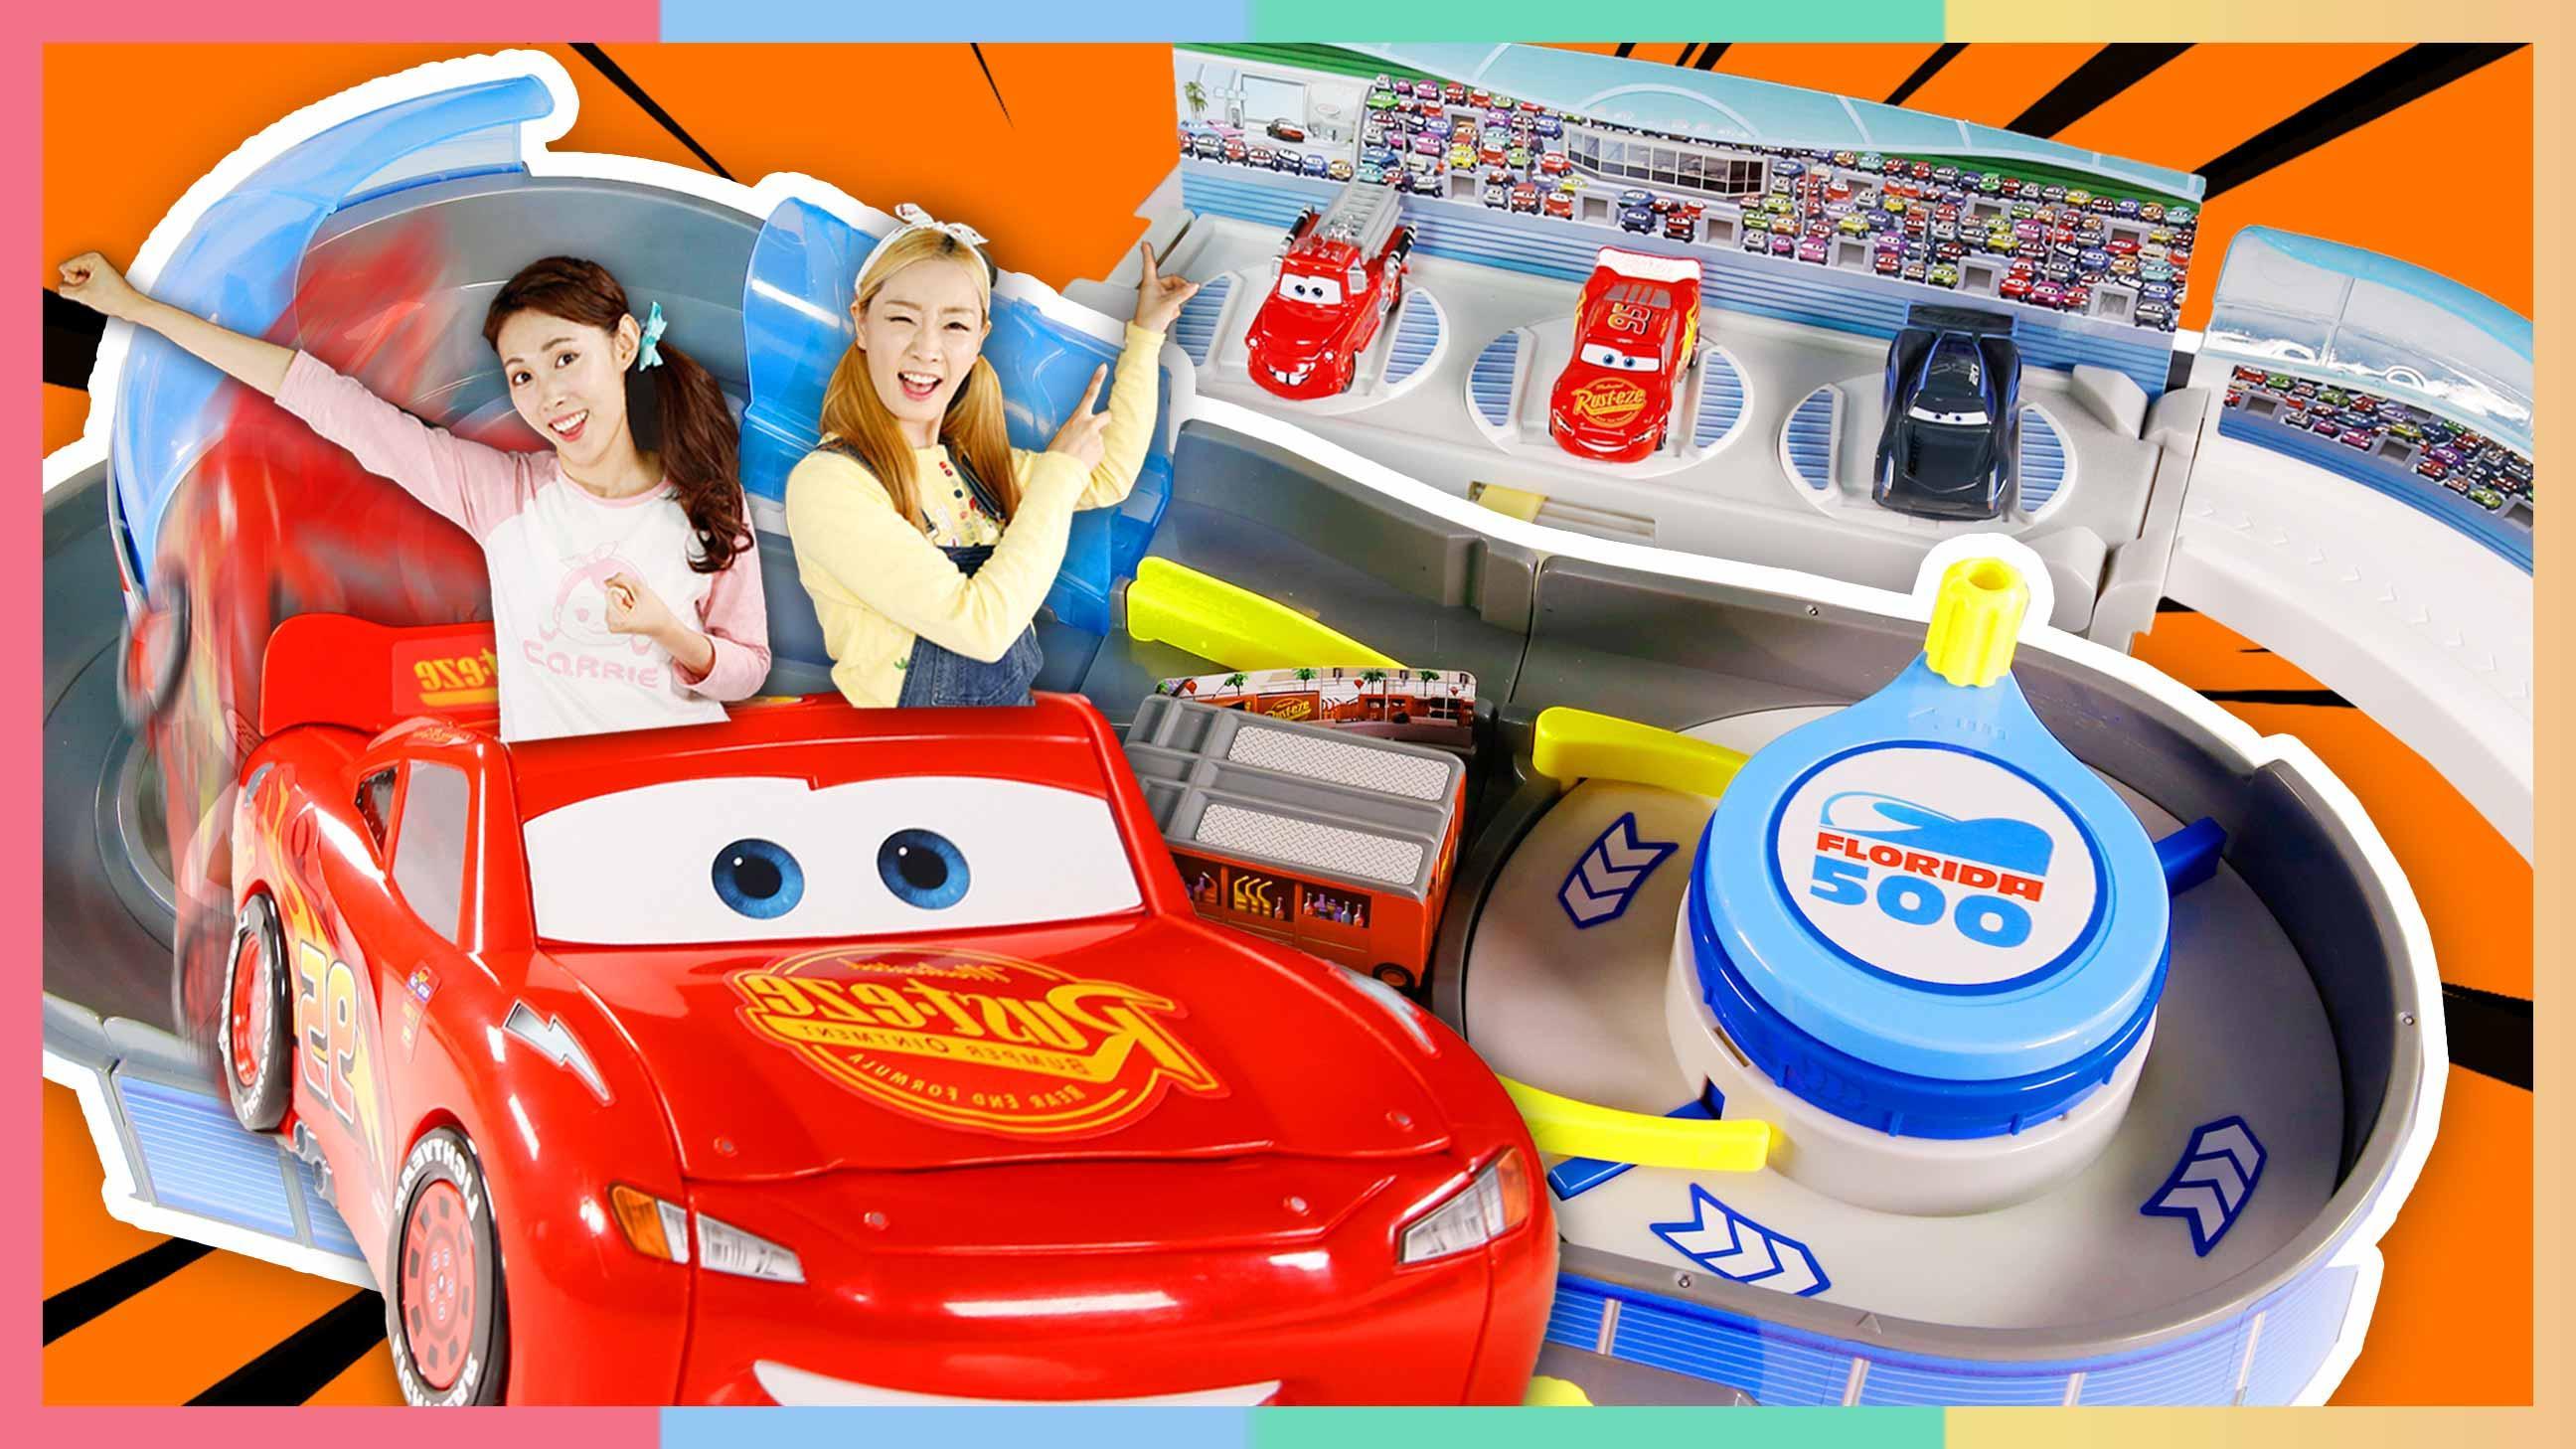 疯狂的旋转小汽车~凯利爱丽争夺最佳赛车手 | 凯利和玩具朋友们 CarrieAndToys